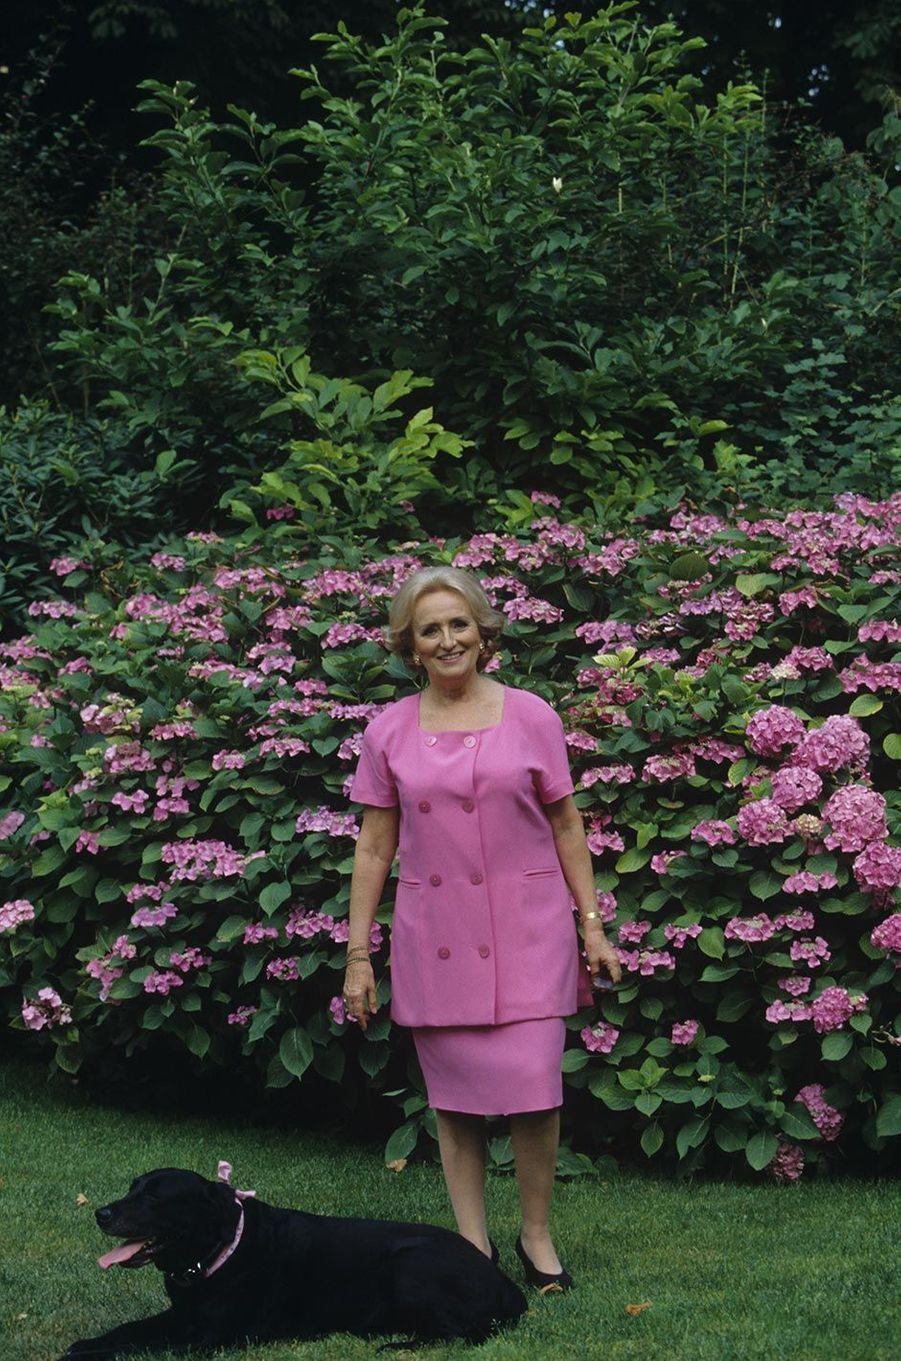 Consciente de son rang, mais embarrassée par le casse-tête des choix vestimentaires, Bernadette Chirac a eu l'intelligence d'écouter attentivement les conseils d'une amie avertie, Claude Pompidou. Celle-ci, incollable sur la mode, l'a familiarisée avec le style et les grands couturiers. Bernadette Chirac a peut-être un peu abusé du tailleur Chanel, uniforme bien pratique, et du sac à main dadame (qui lui valu d'impayables quolibets des Guignols) mais le soir, en revanche, elle savait sortir le grand jeu!